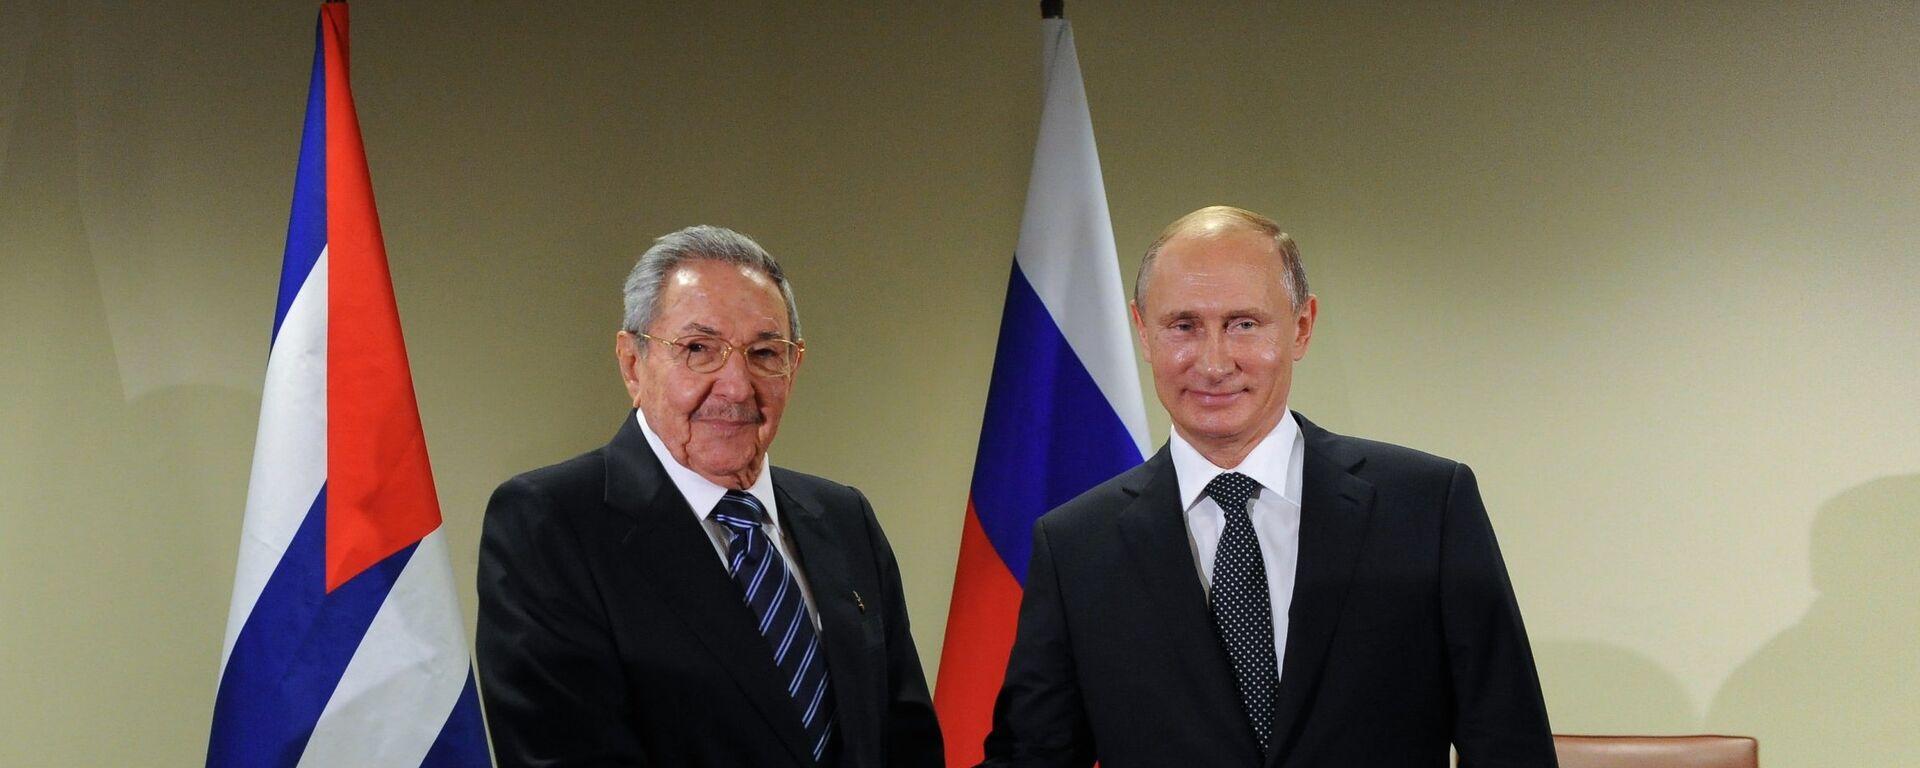 El presidente de Rusia, Vladímir Putin, y su homólogo cubano, Raúl Castro - Sputnik Mundo, 1920, 03.06.2021